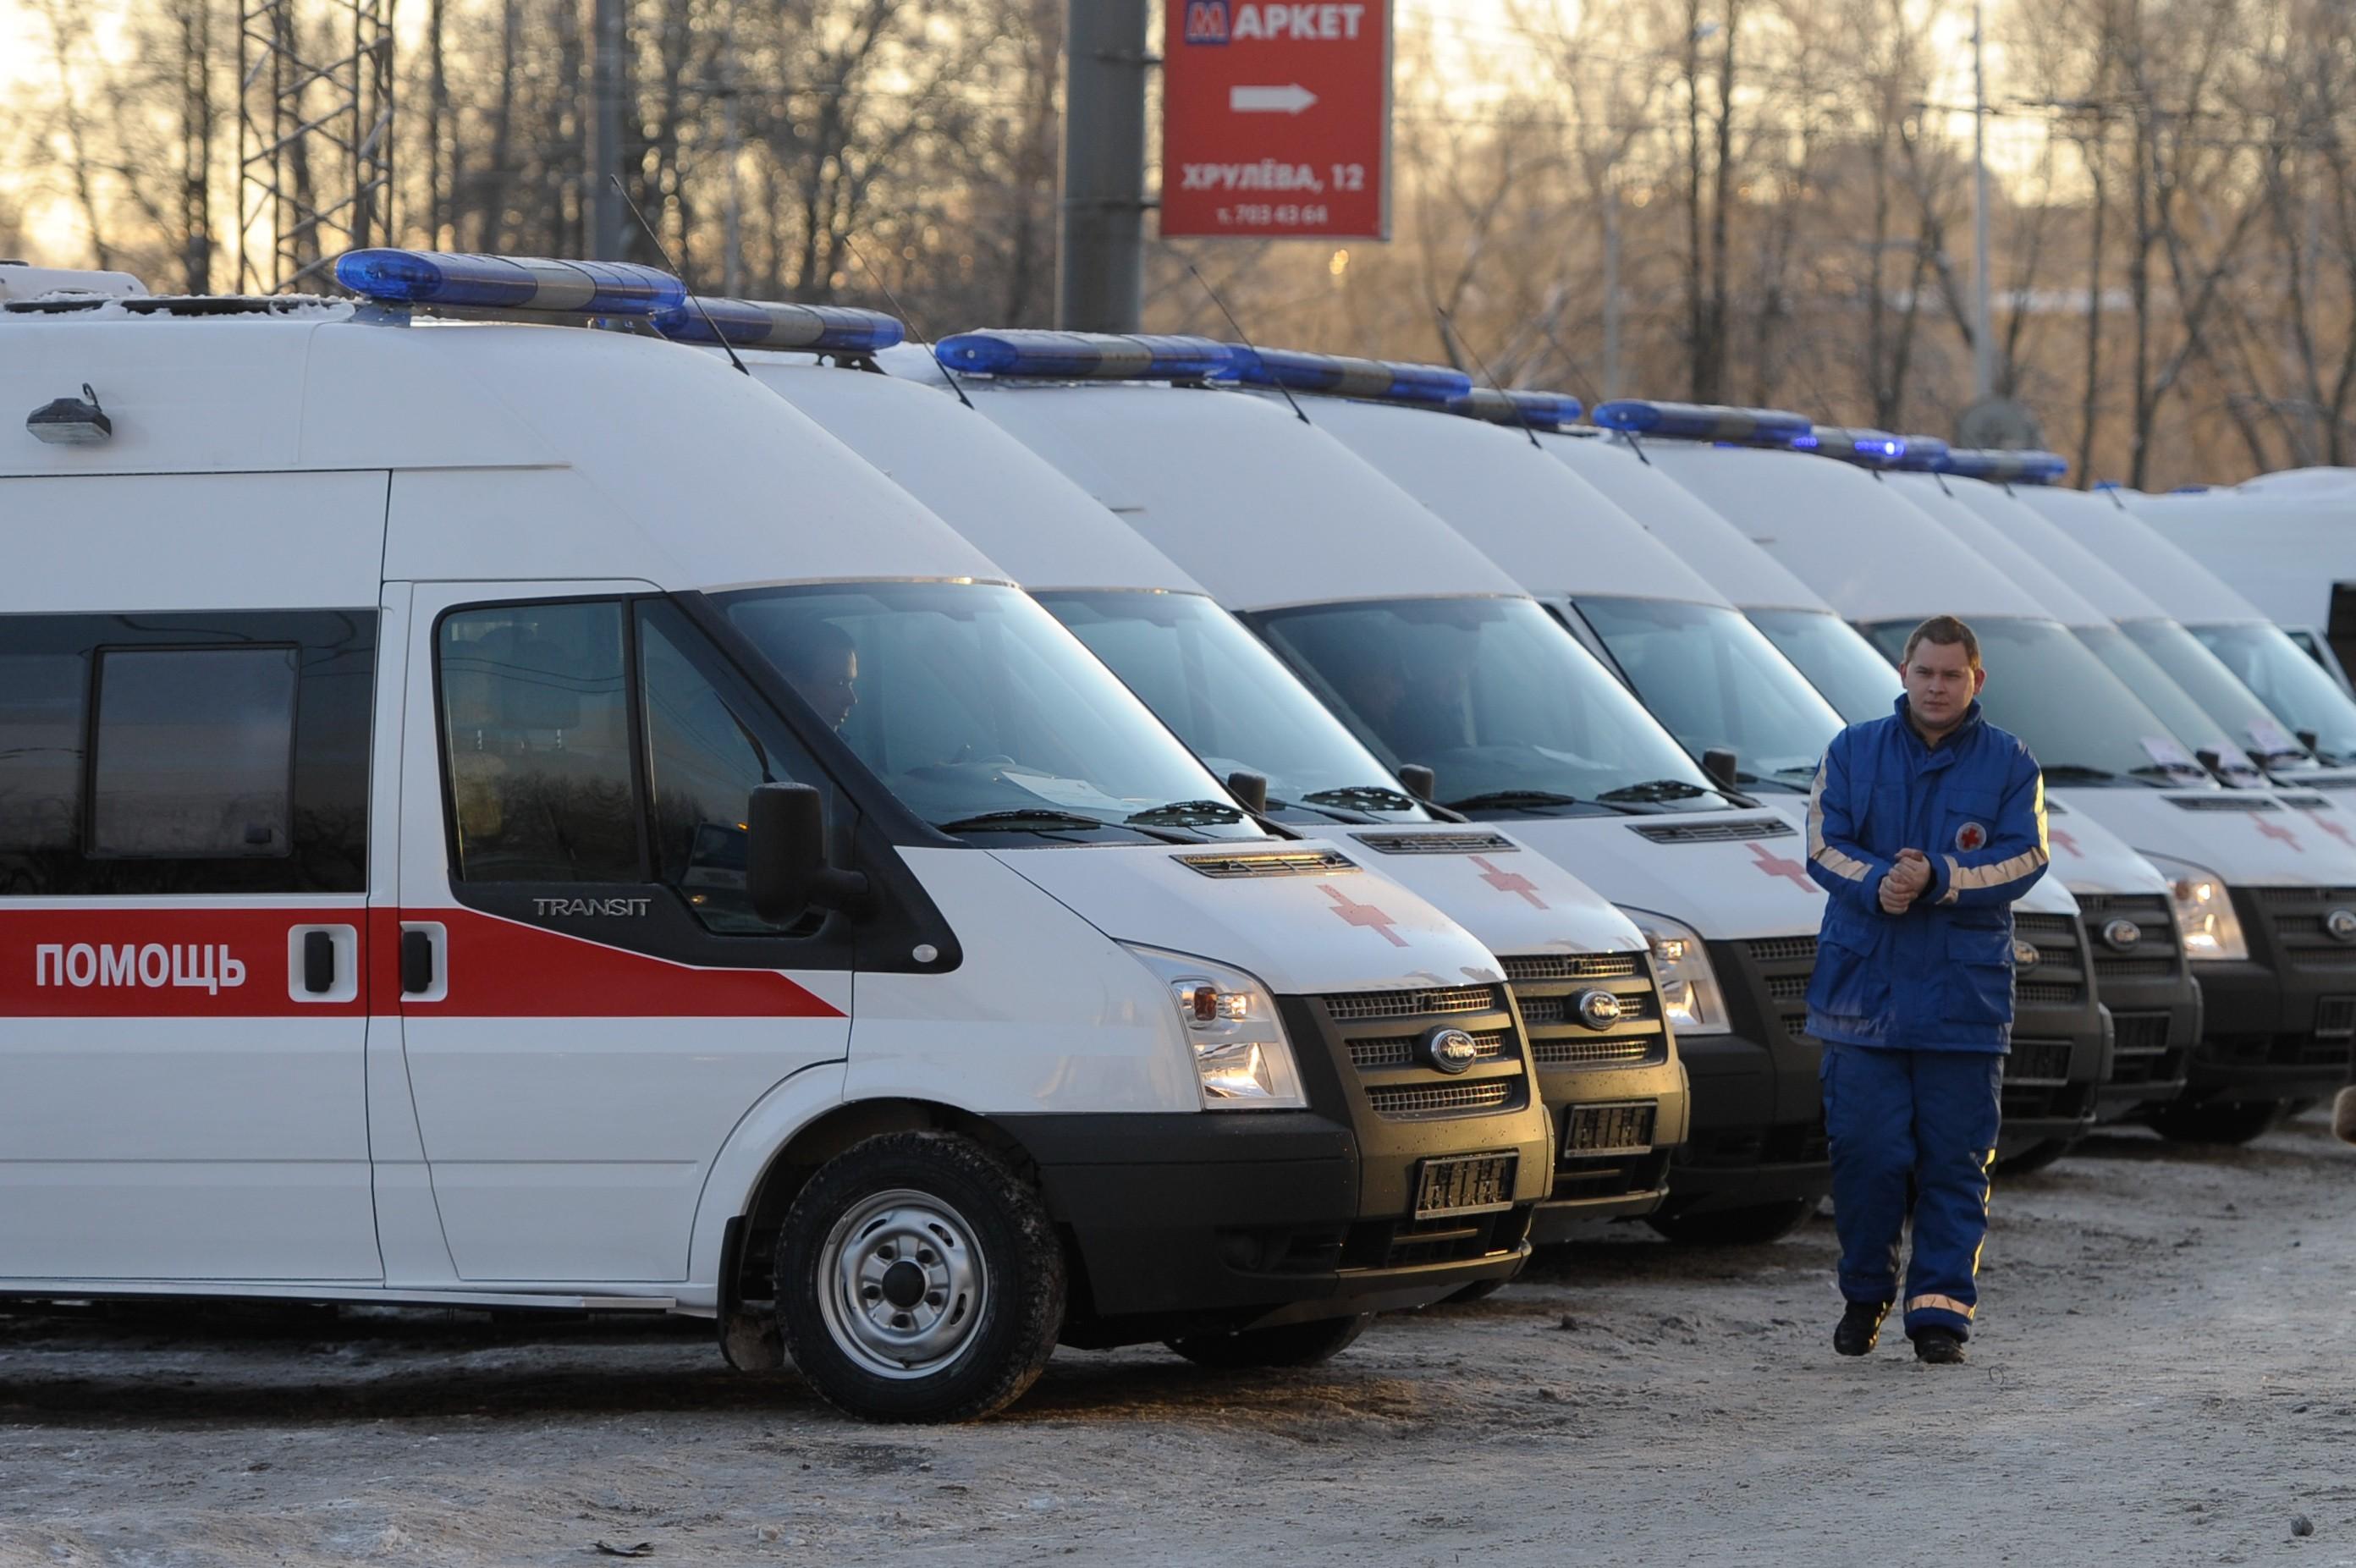 ВЧелябинской области появится 70 новых машин скорой помощи